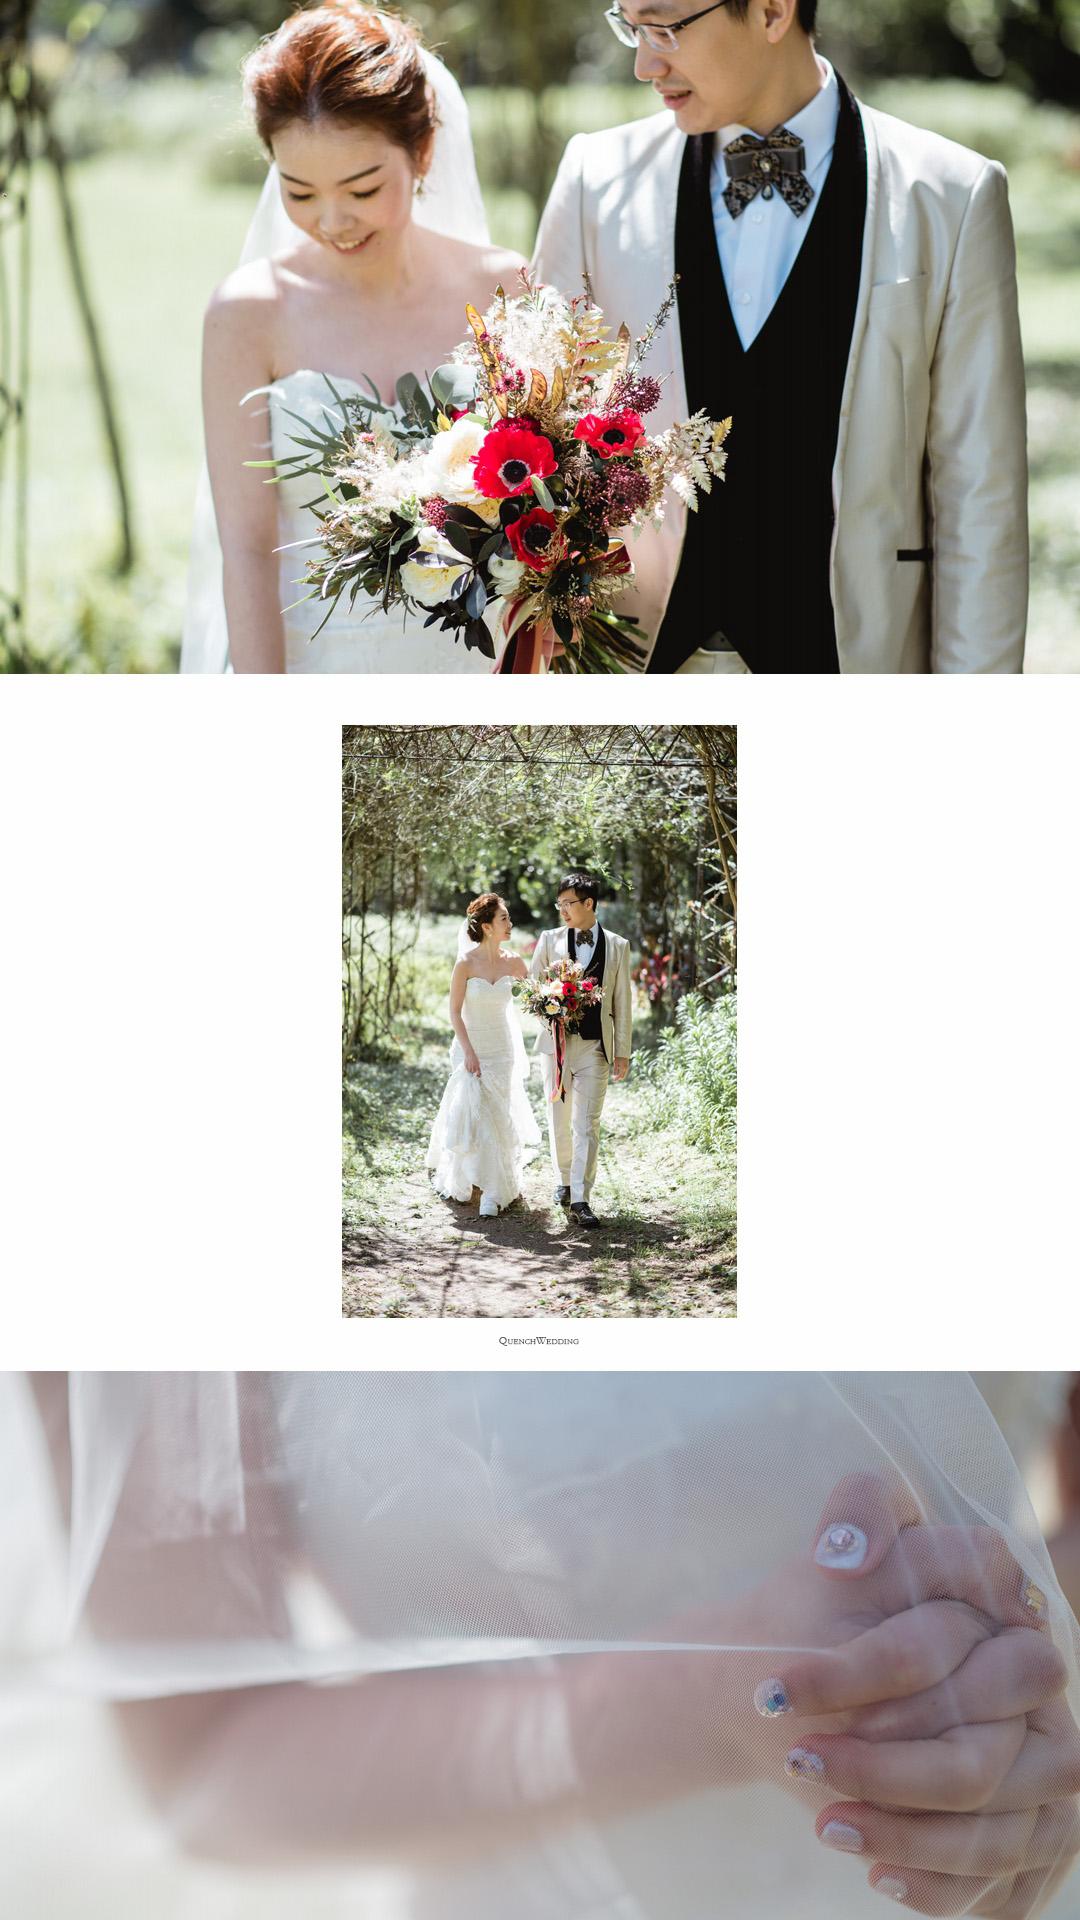 """納美花園 婚禮,主題婚禮,婚攝推薦,哈利波特婚禮"""" title="""